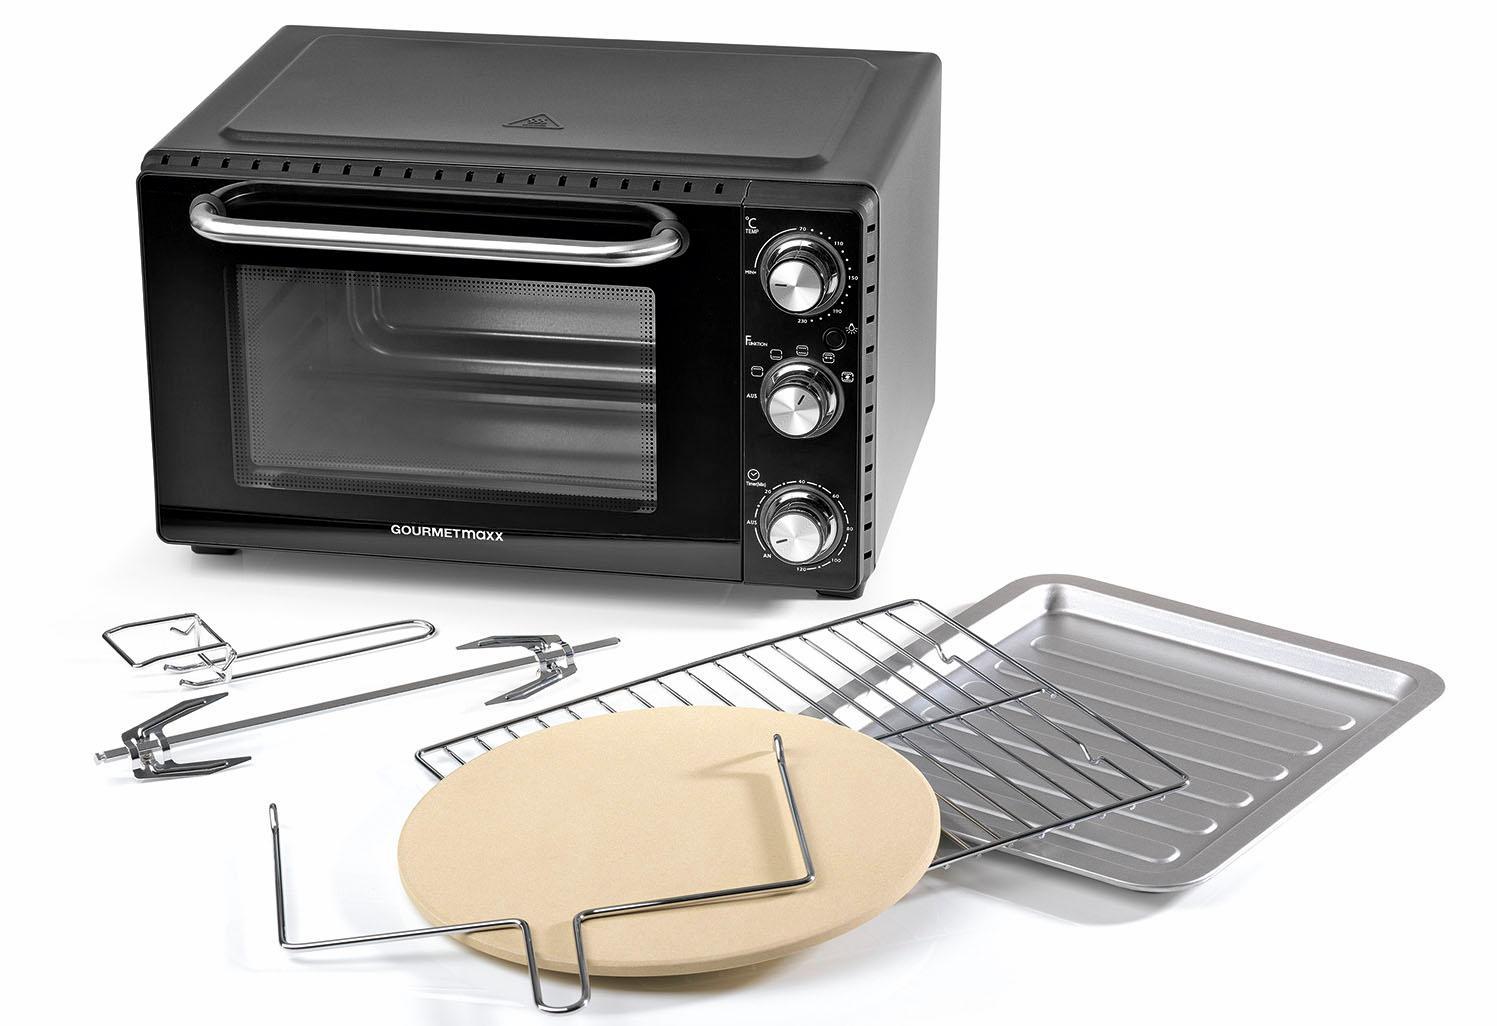 GOURMETmaxx Minibackofen Infrarot-Ofen 1500 W | Küche und Esszimmer > Küchenelektrogeräte > Küche Grill | Schwarz | Gourmetmaxx